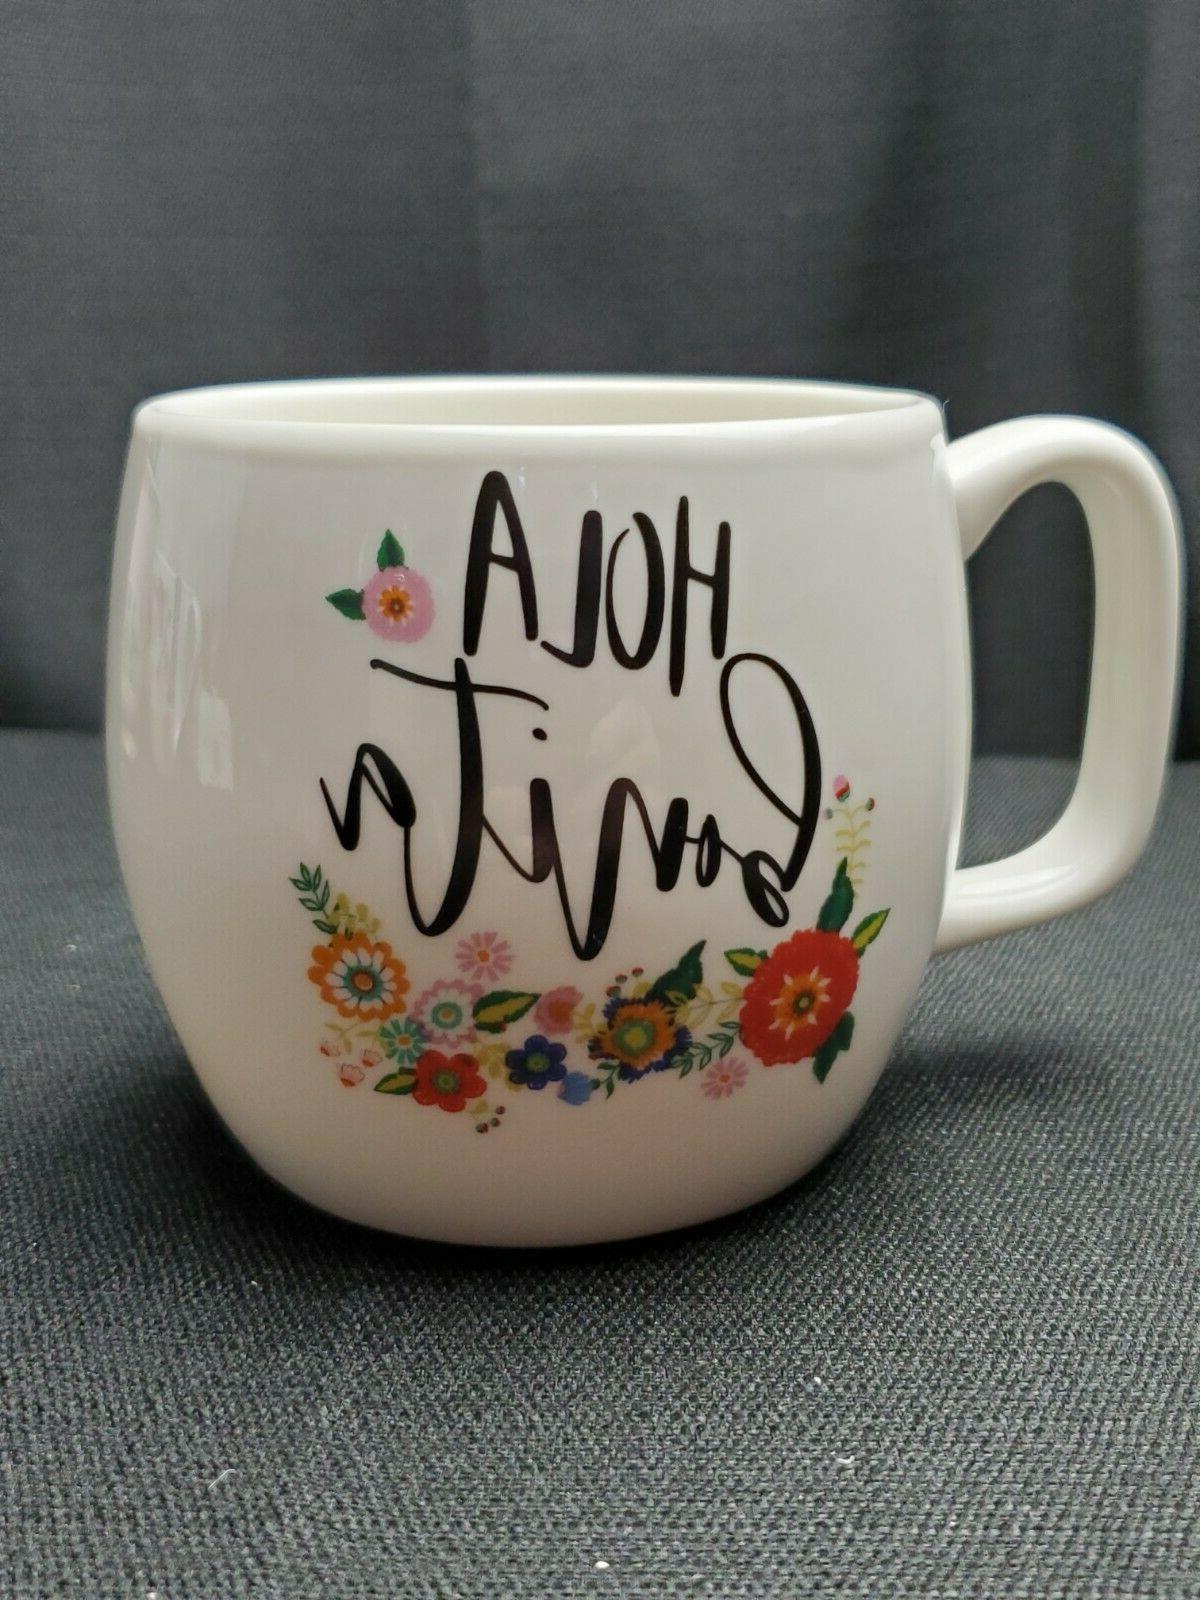 coffee mug hola bonita target bird floral